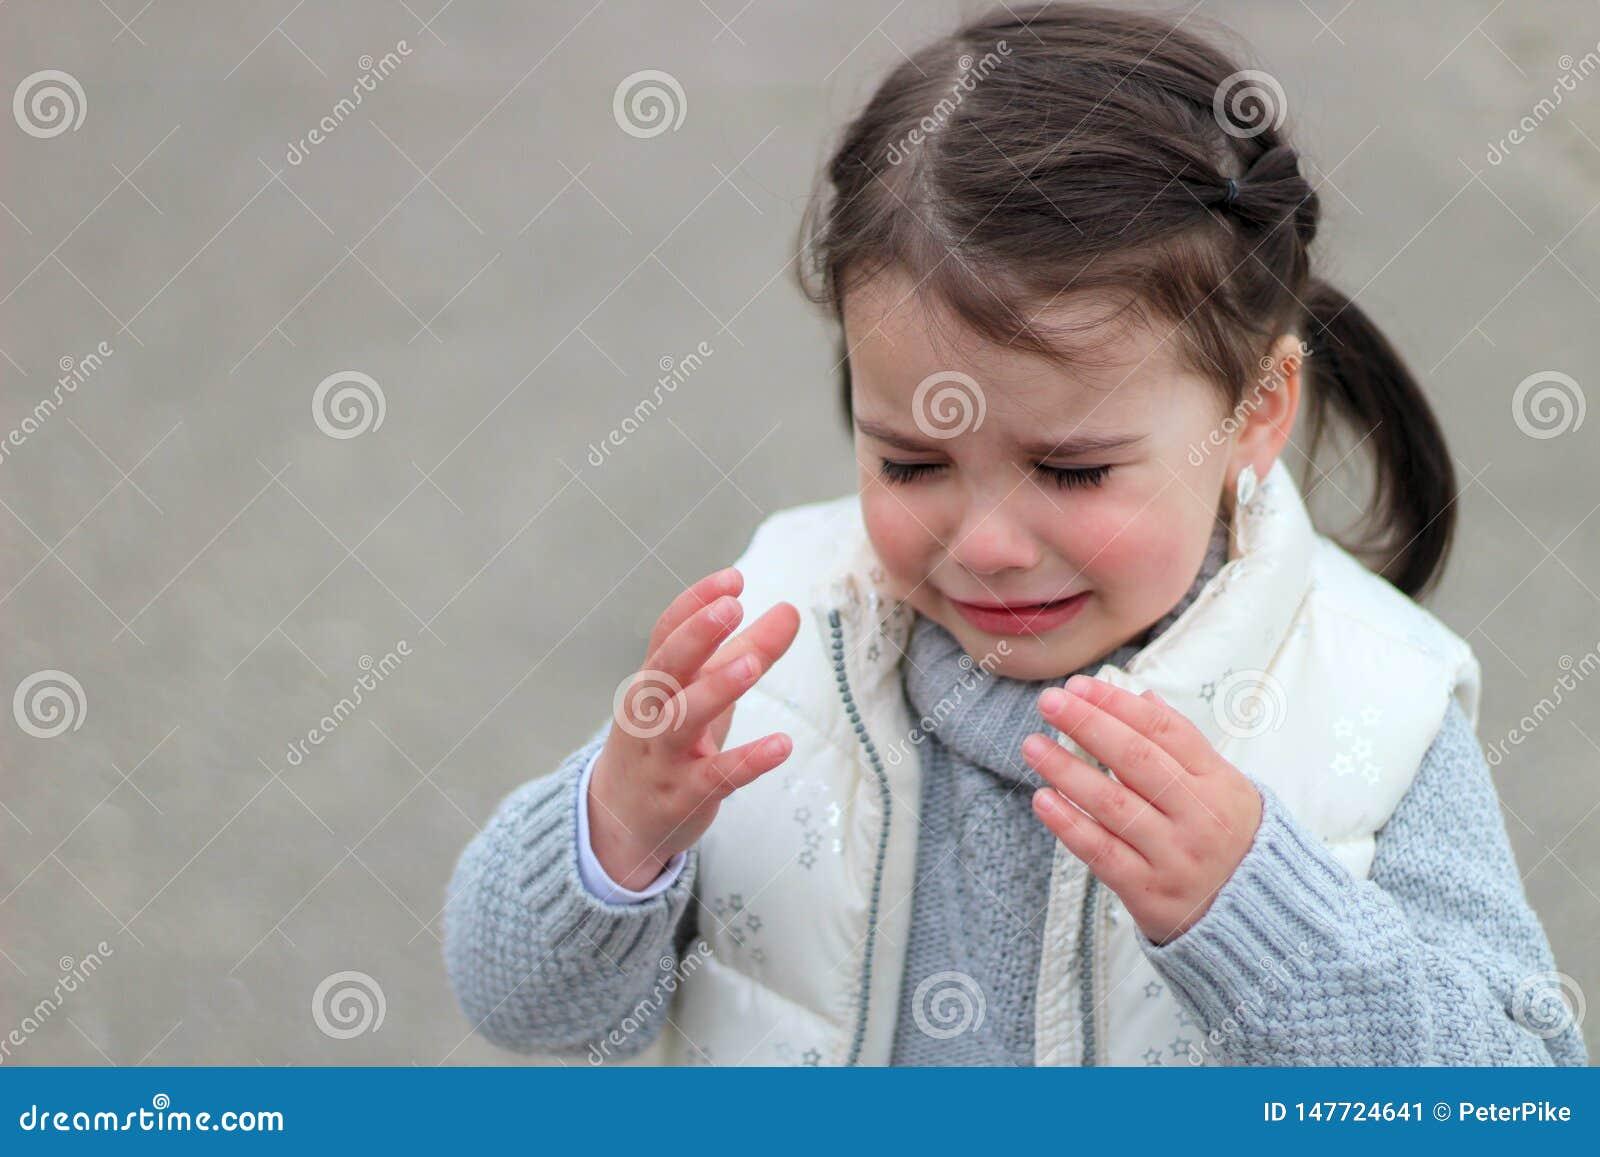 När du gråter flickan med råttsvansar i en tröja och en väst lyfter upp hennes händer